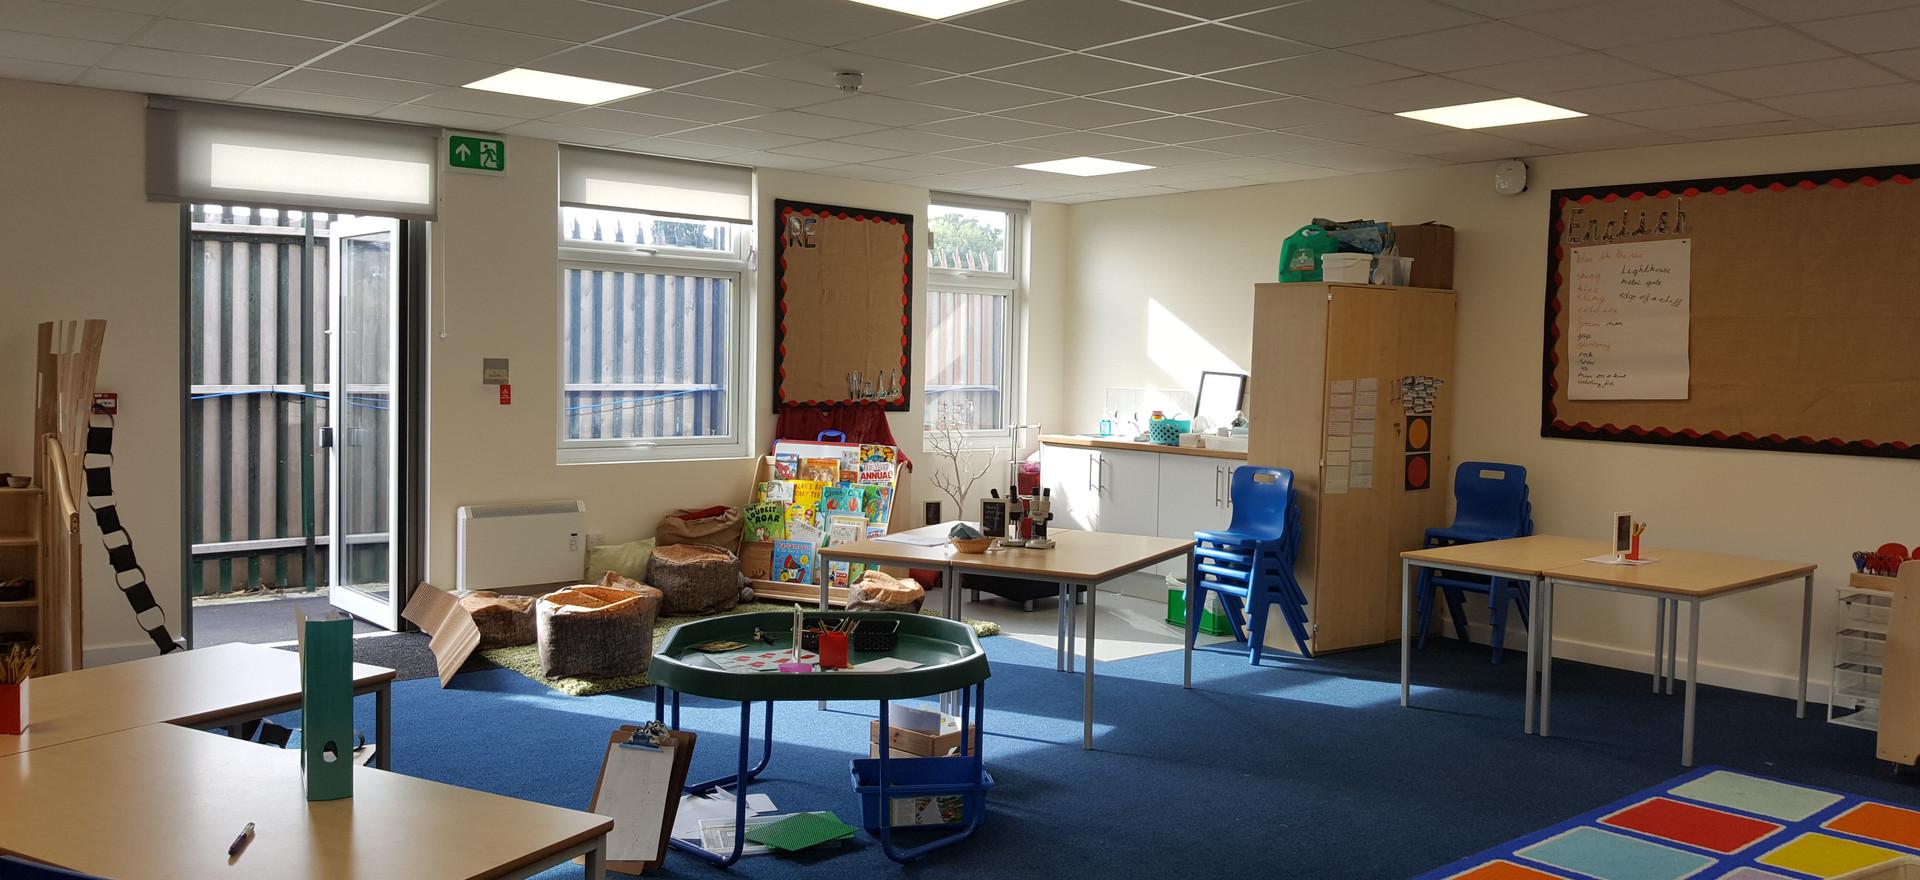 St James Primary School, Isle of Grain